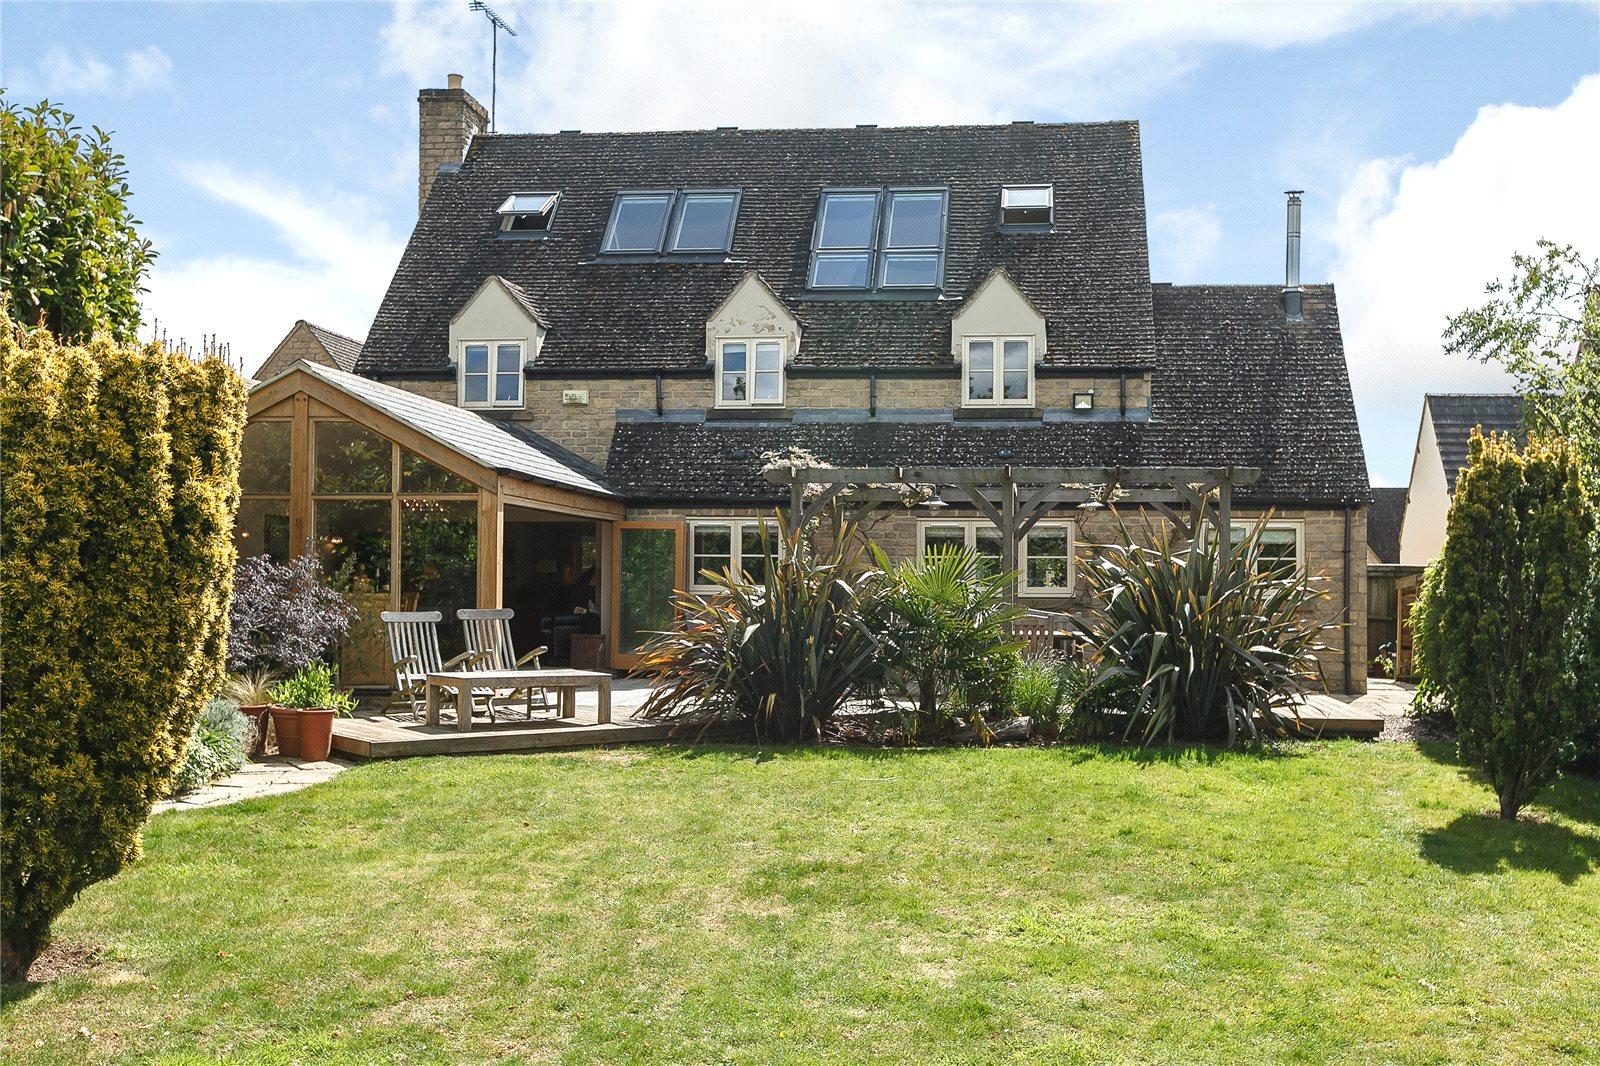 一戸建て のために 売買 アット Churchill, Chipping Norton, Oxfordshire, OX7 Chipping Norton, イギリス